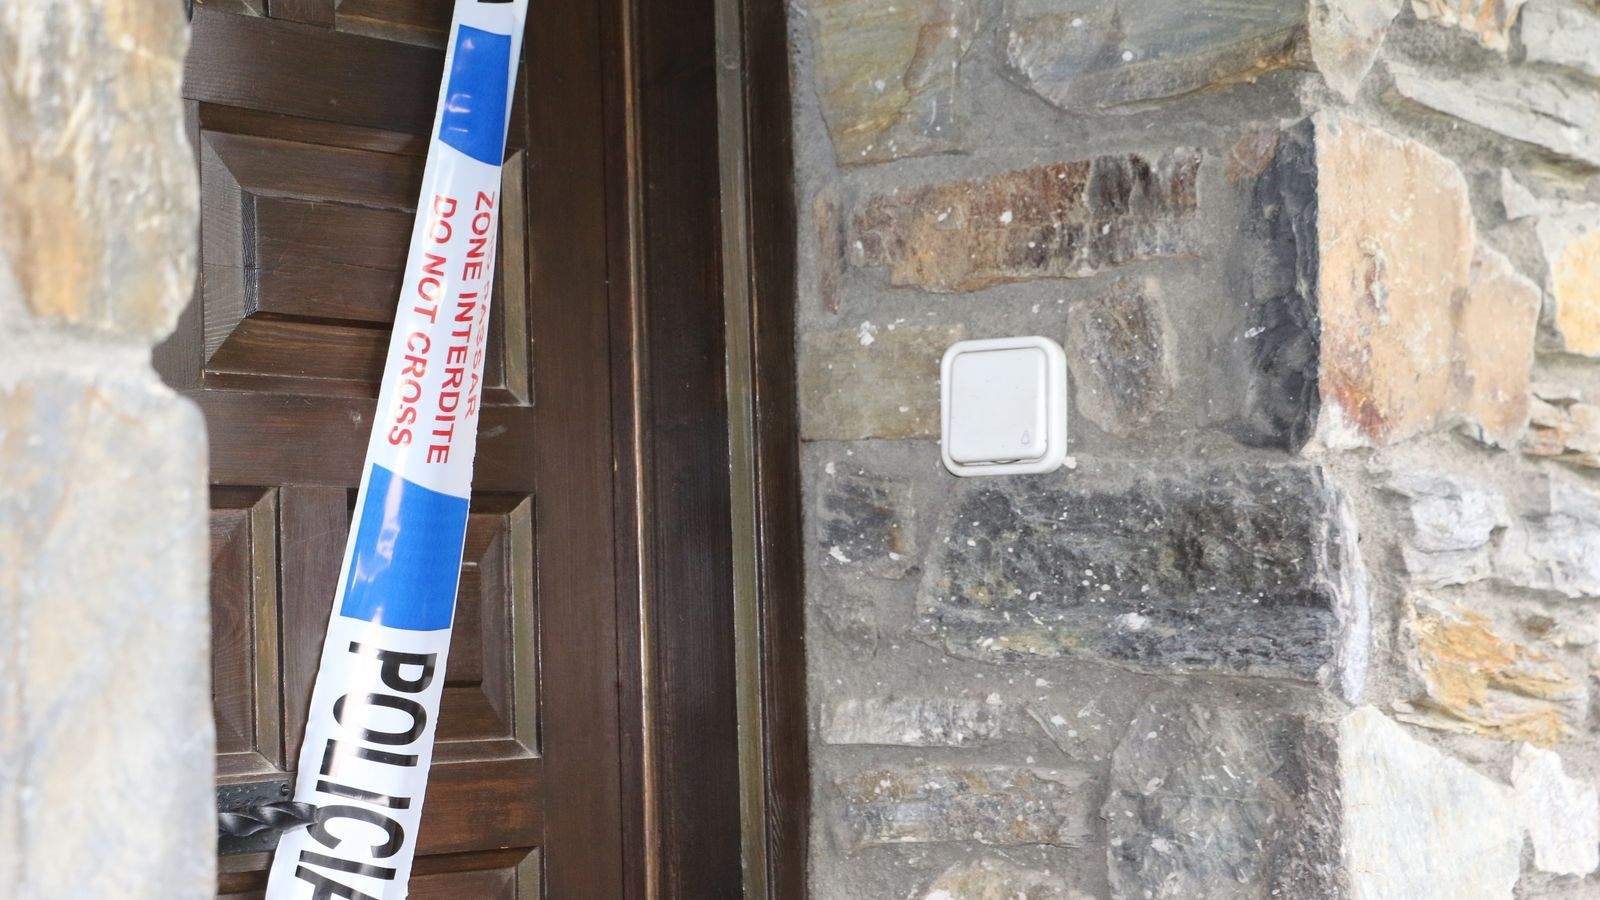 La porta precintada de l'habitatge de Vila, a Encamp, on s'haurien produït els fets. / E.C. (ANA)